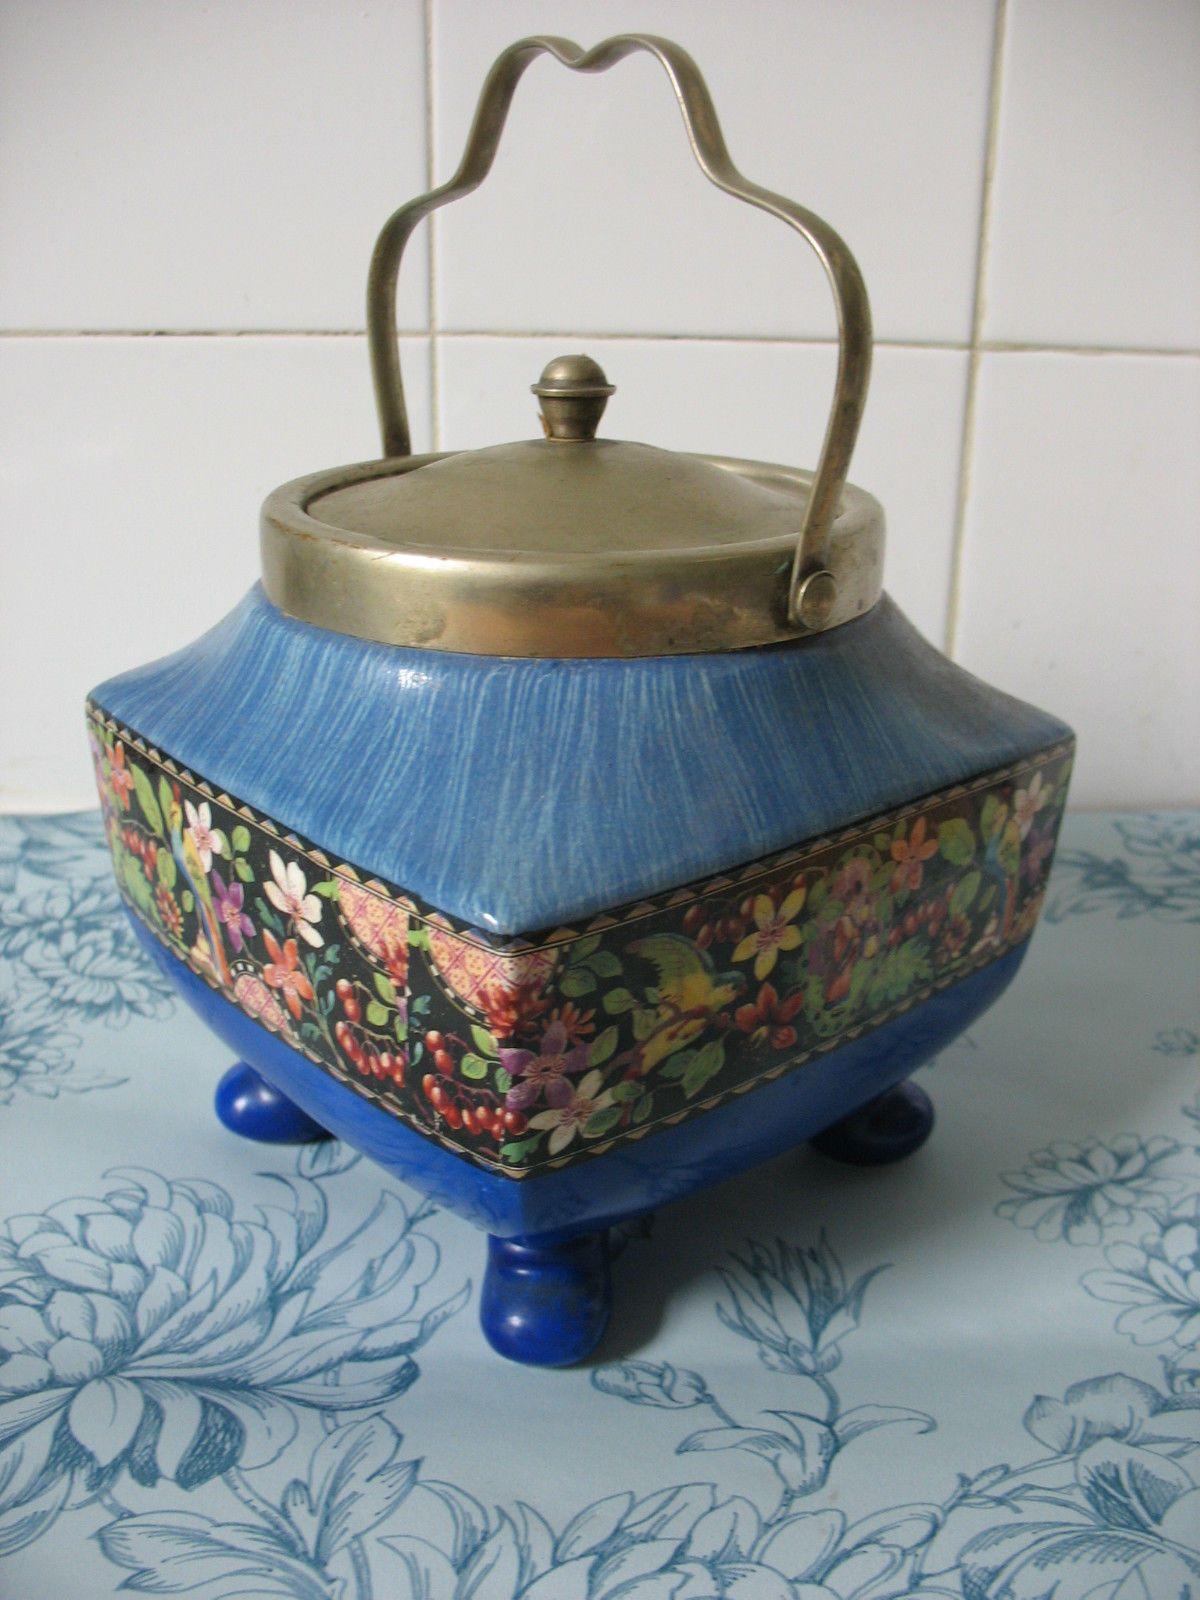 Ceramic biscuit barrel/ caddy Burslem Blue / floral print vintage